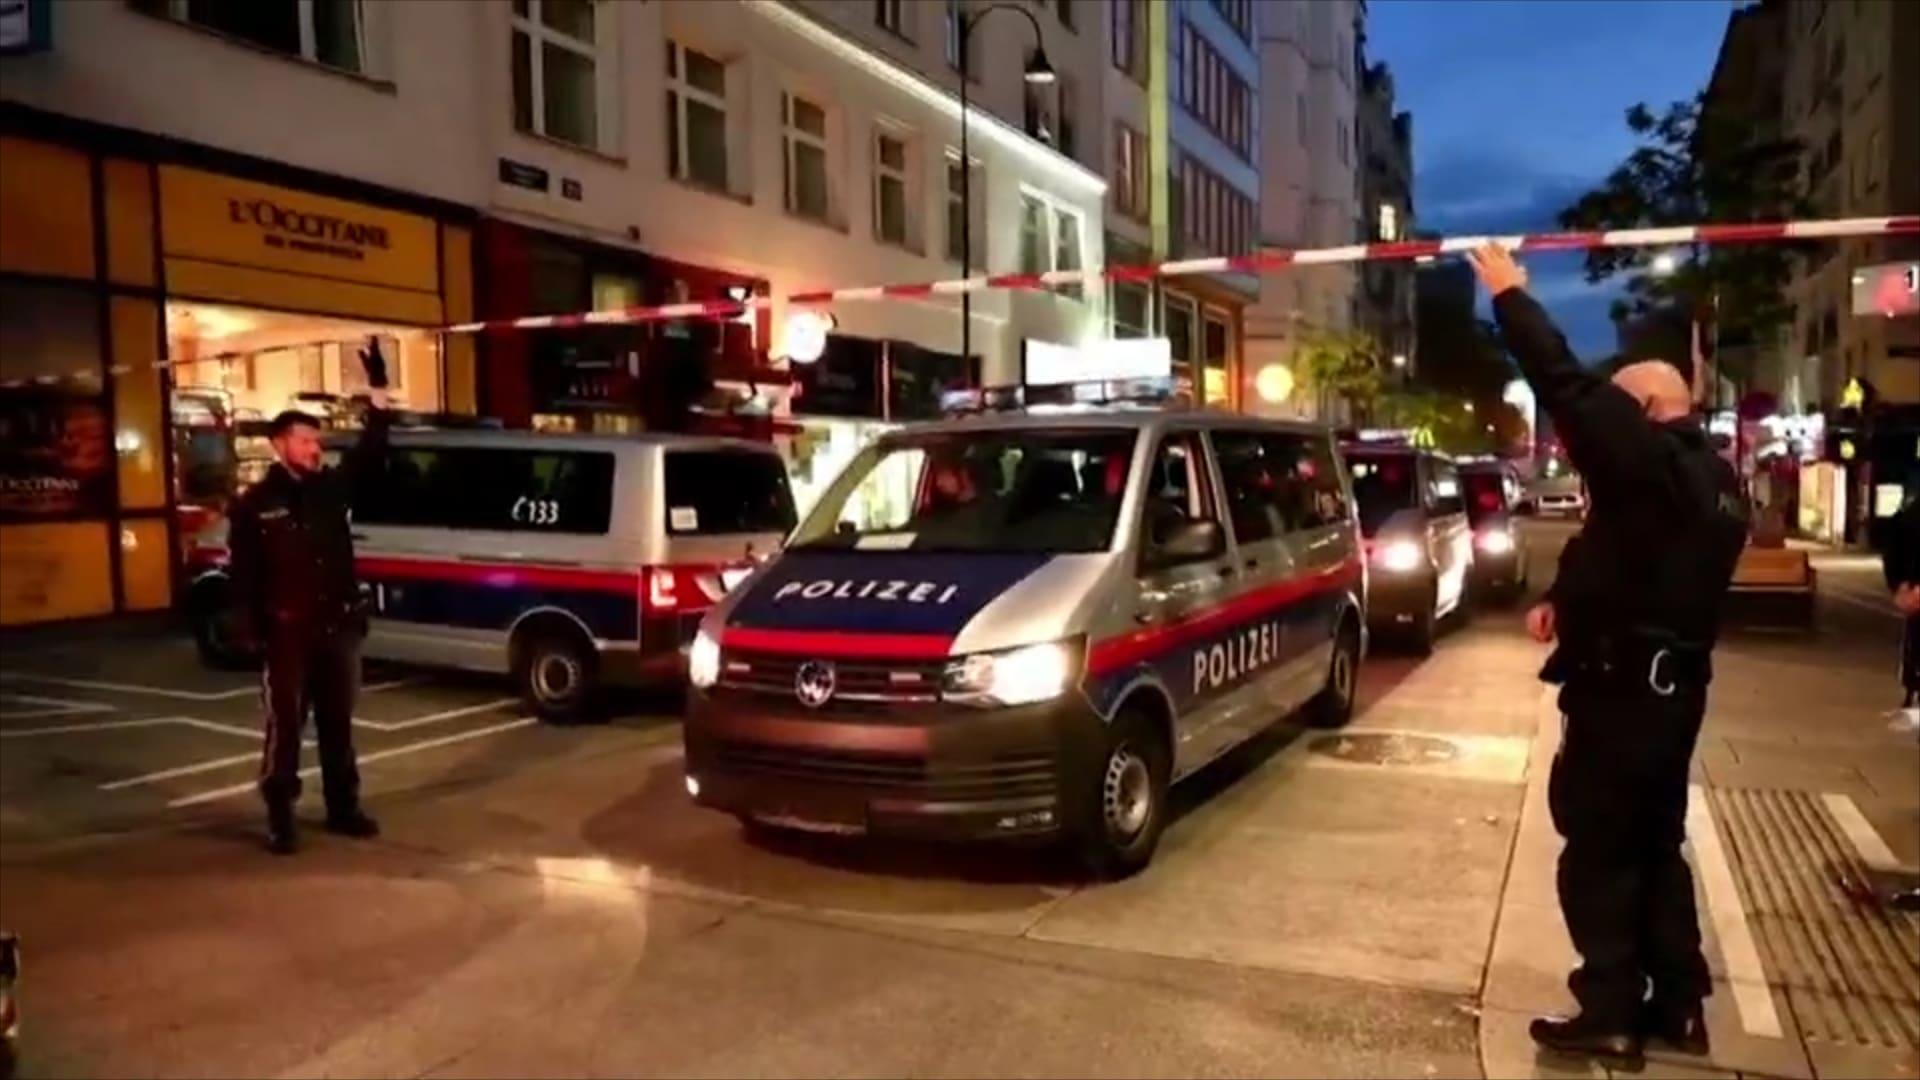 """""""ليست معركة بين مسيحيين ومسلمين"""".. سكان فيينا يصفون اللحظات المروعة للهجوم"""